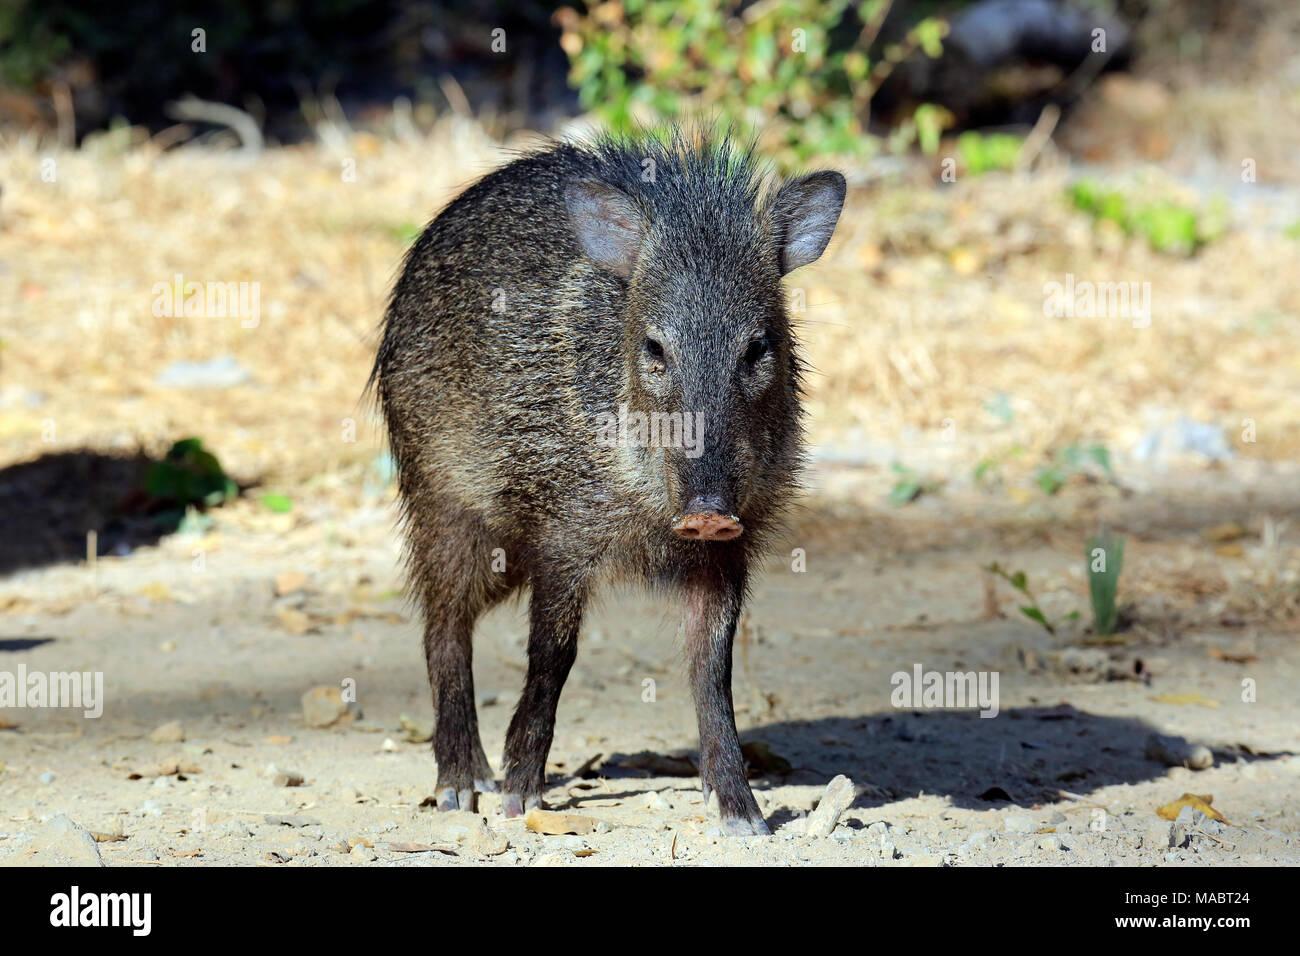 Young Collared Peccary (Pecari tajacu). Pantanal, Brazil - Stock Image